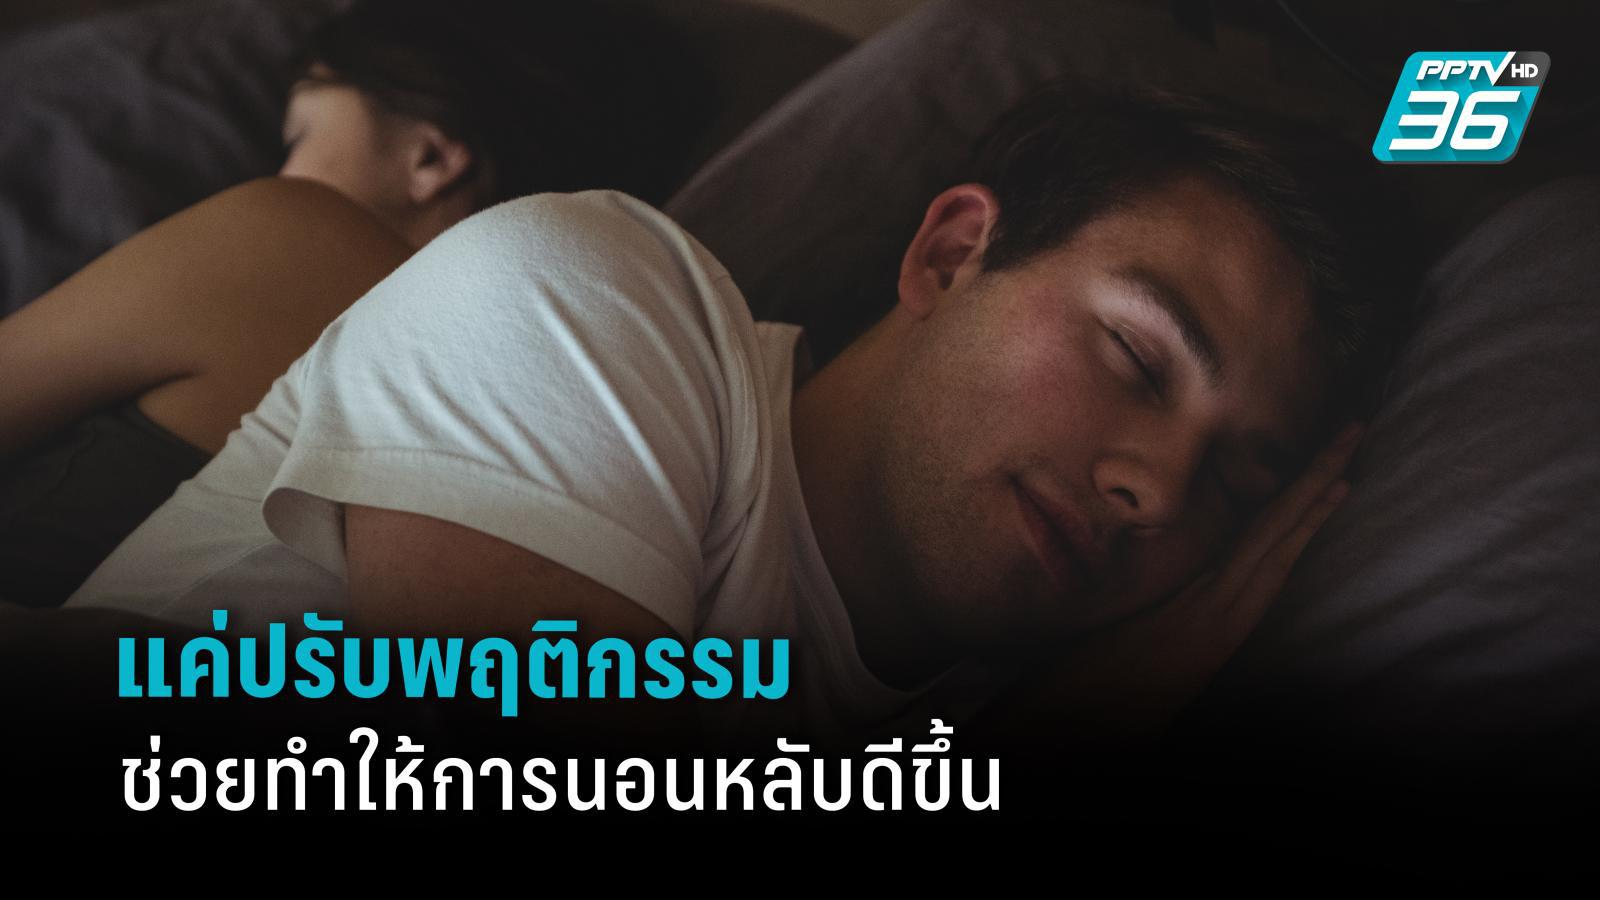 คนนอนไม่หลับ ควรปรับพฤติกรรม ทำ 5 วิธีนี้จะช่วยทำให้ หลับดีขึ้น